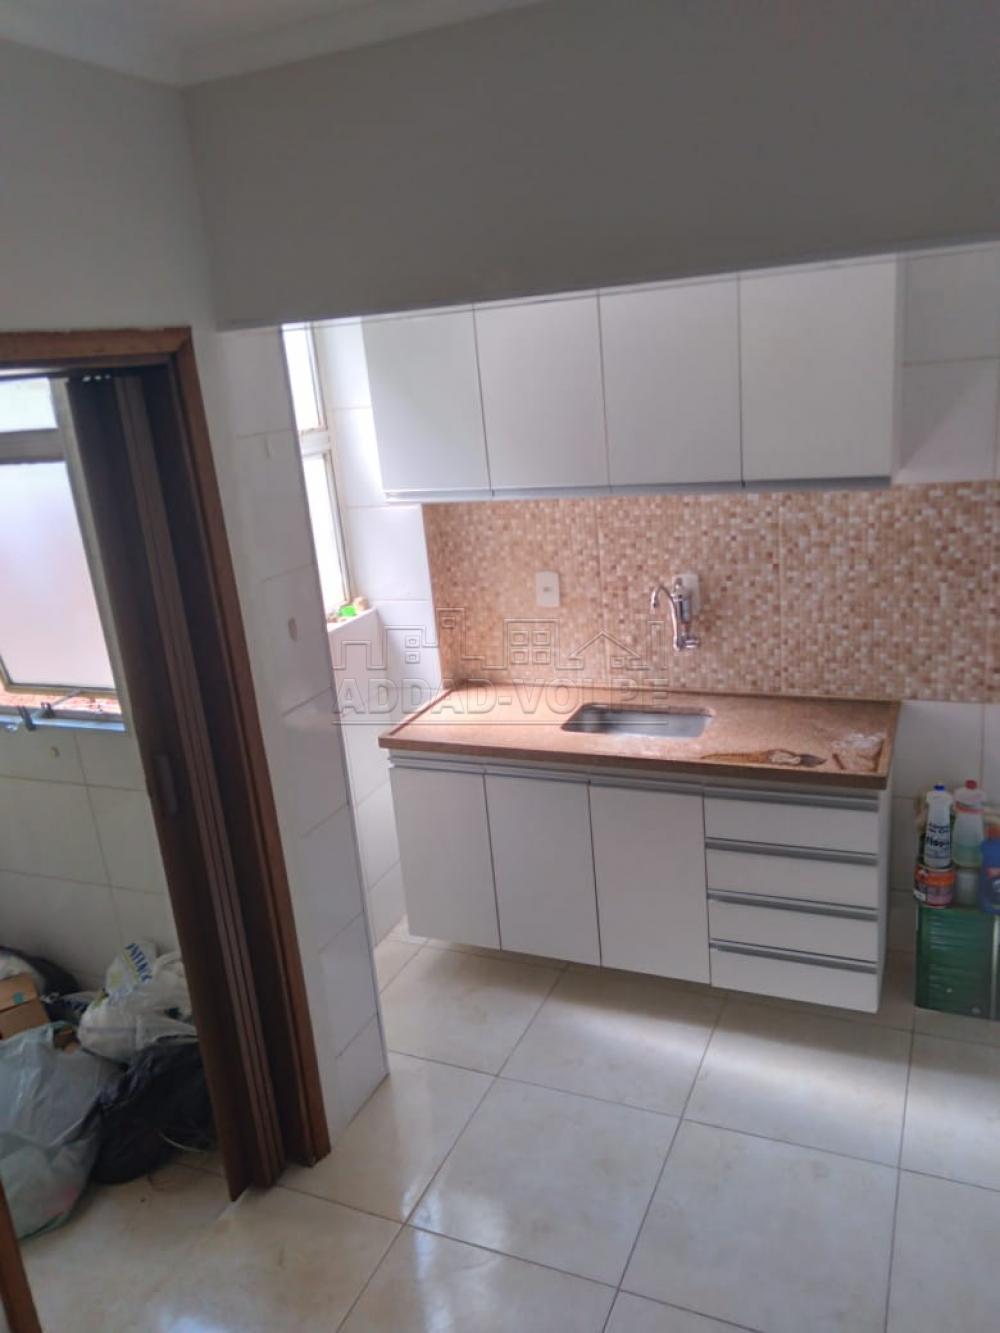 Alugar Apartamento / Padrão em Bauru R$ 1.000,00 - Foto 4